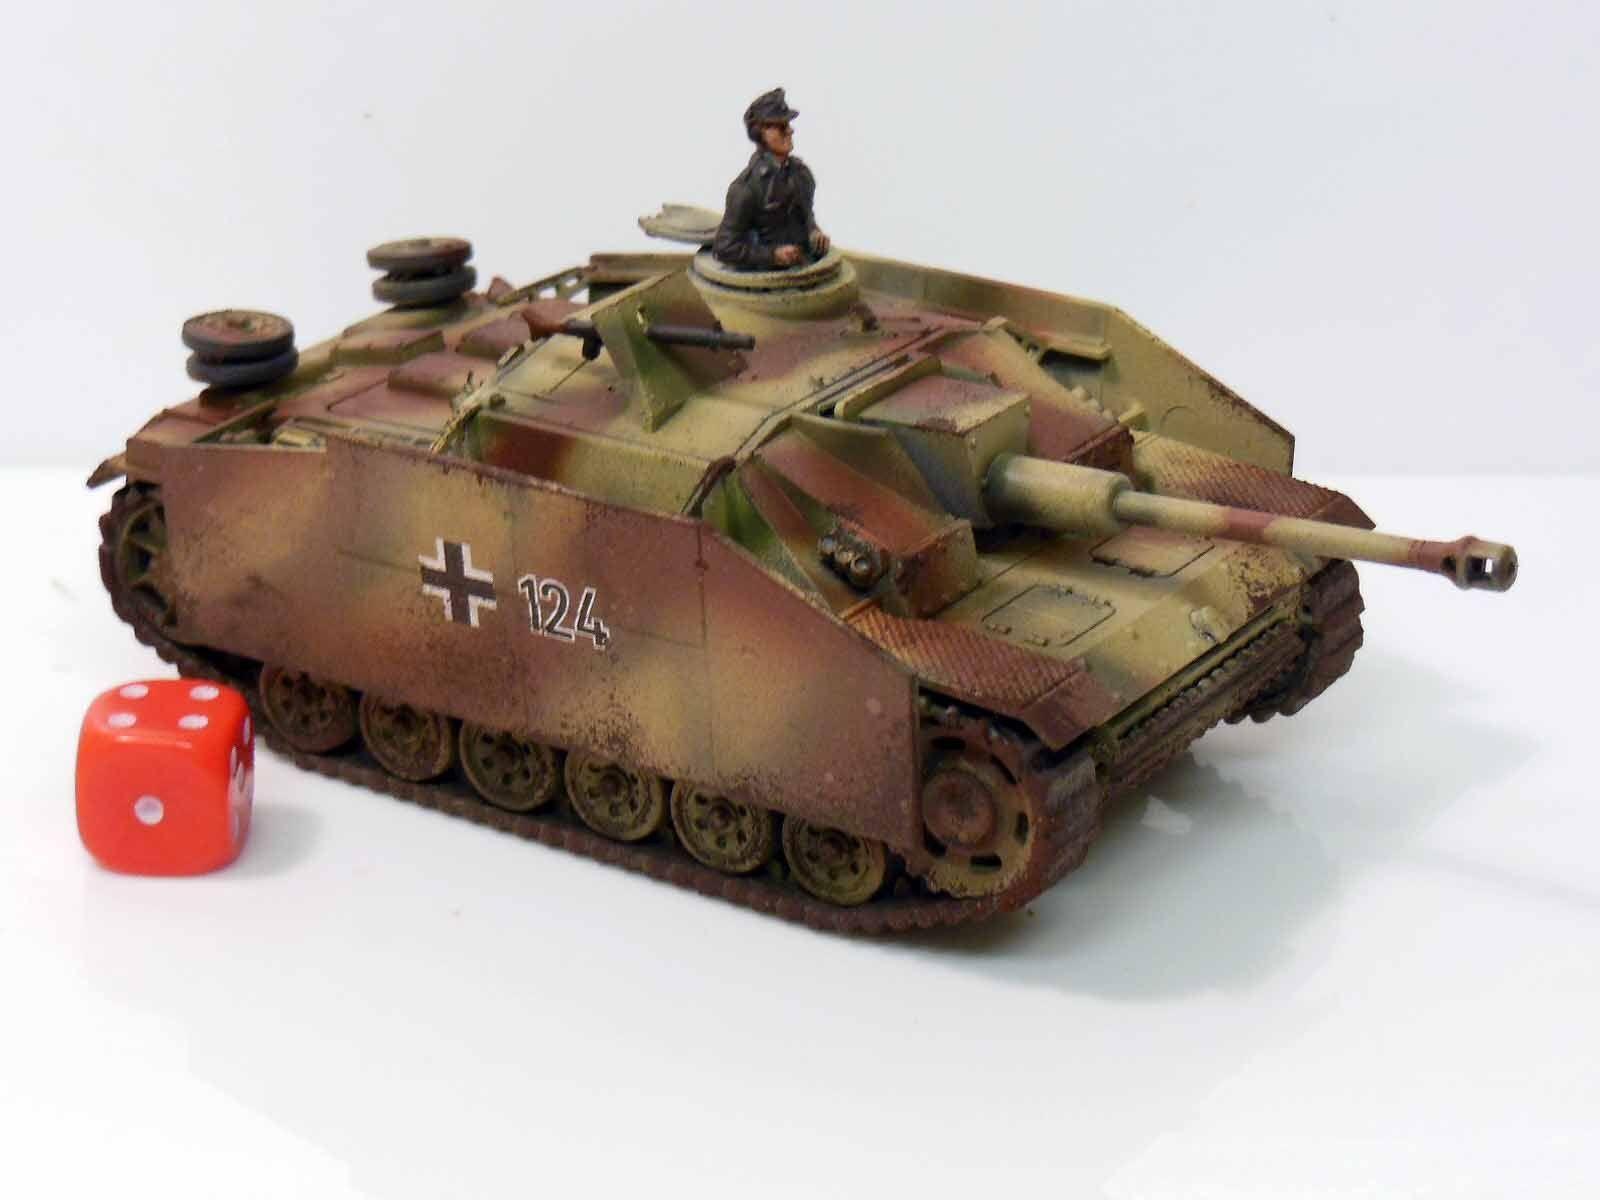 28mm bolt aktion befehlskette deutschen stug - gemalt und überstanden die r1